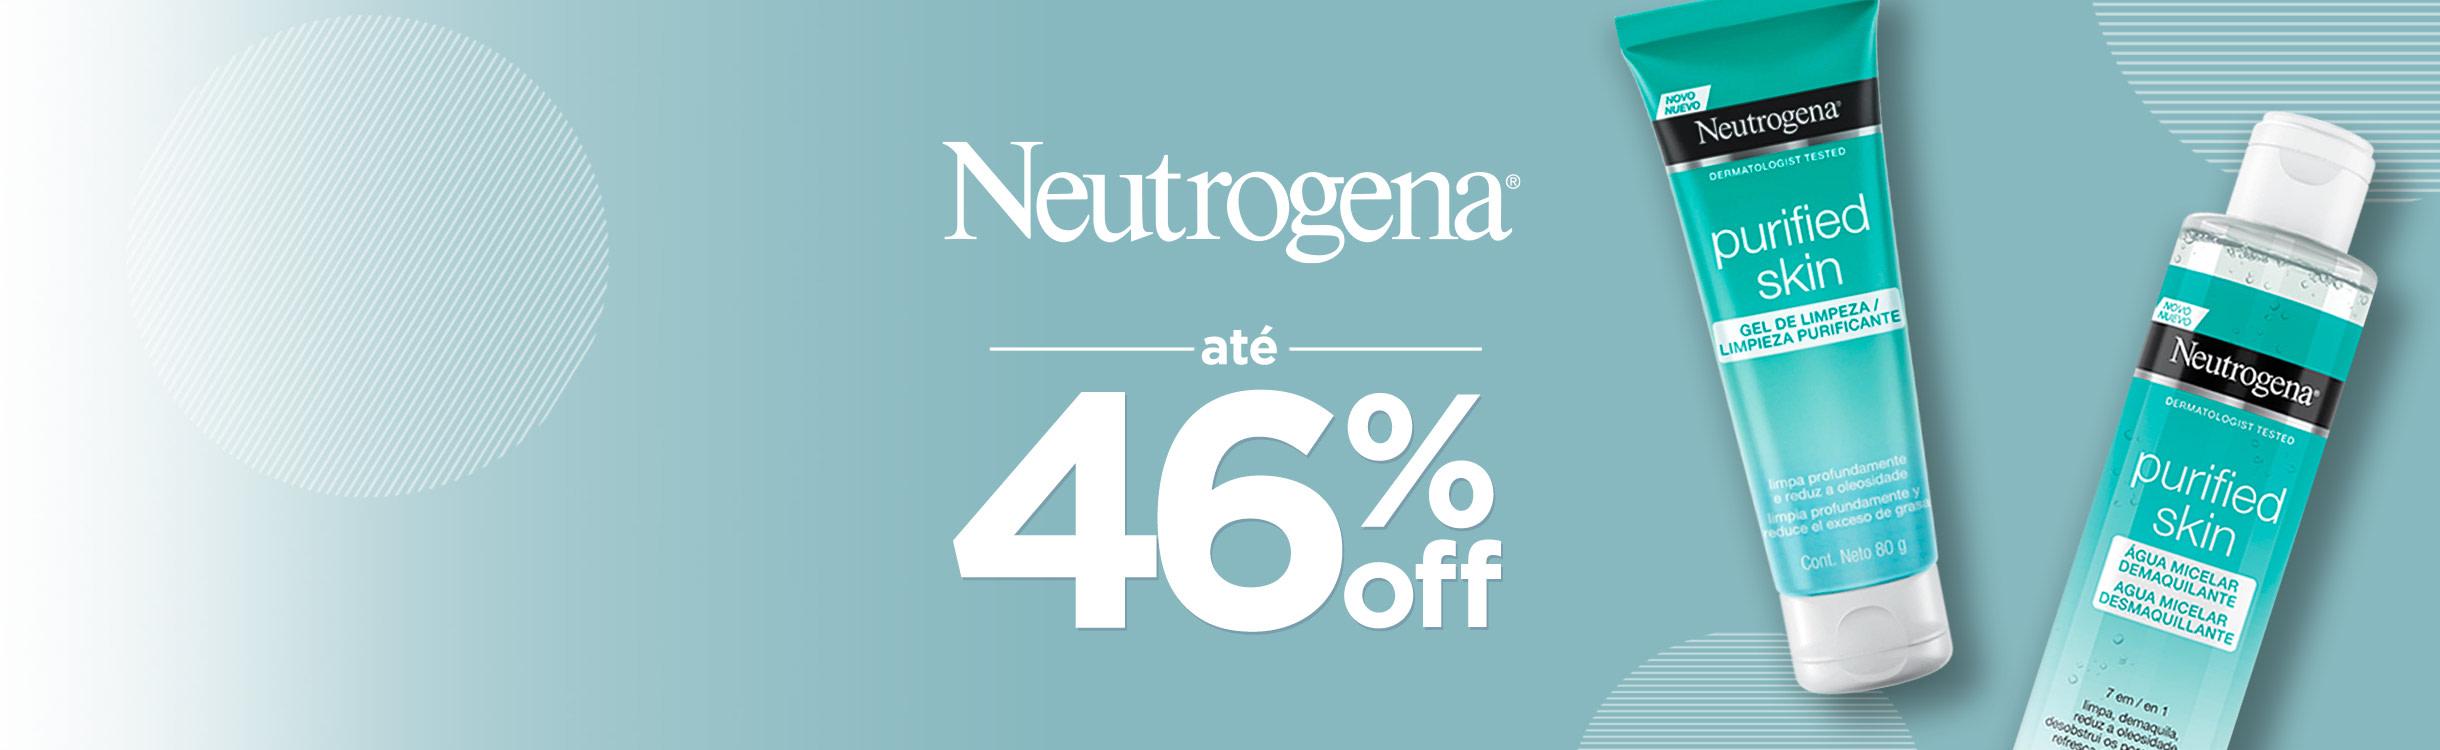 Neutrogena Cuidados com a Pele